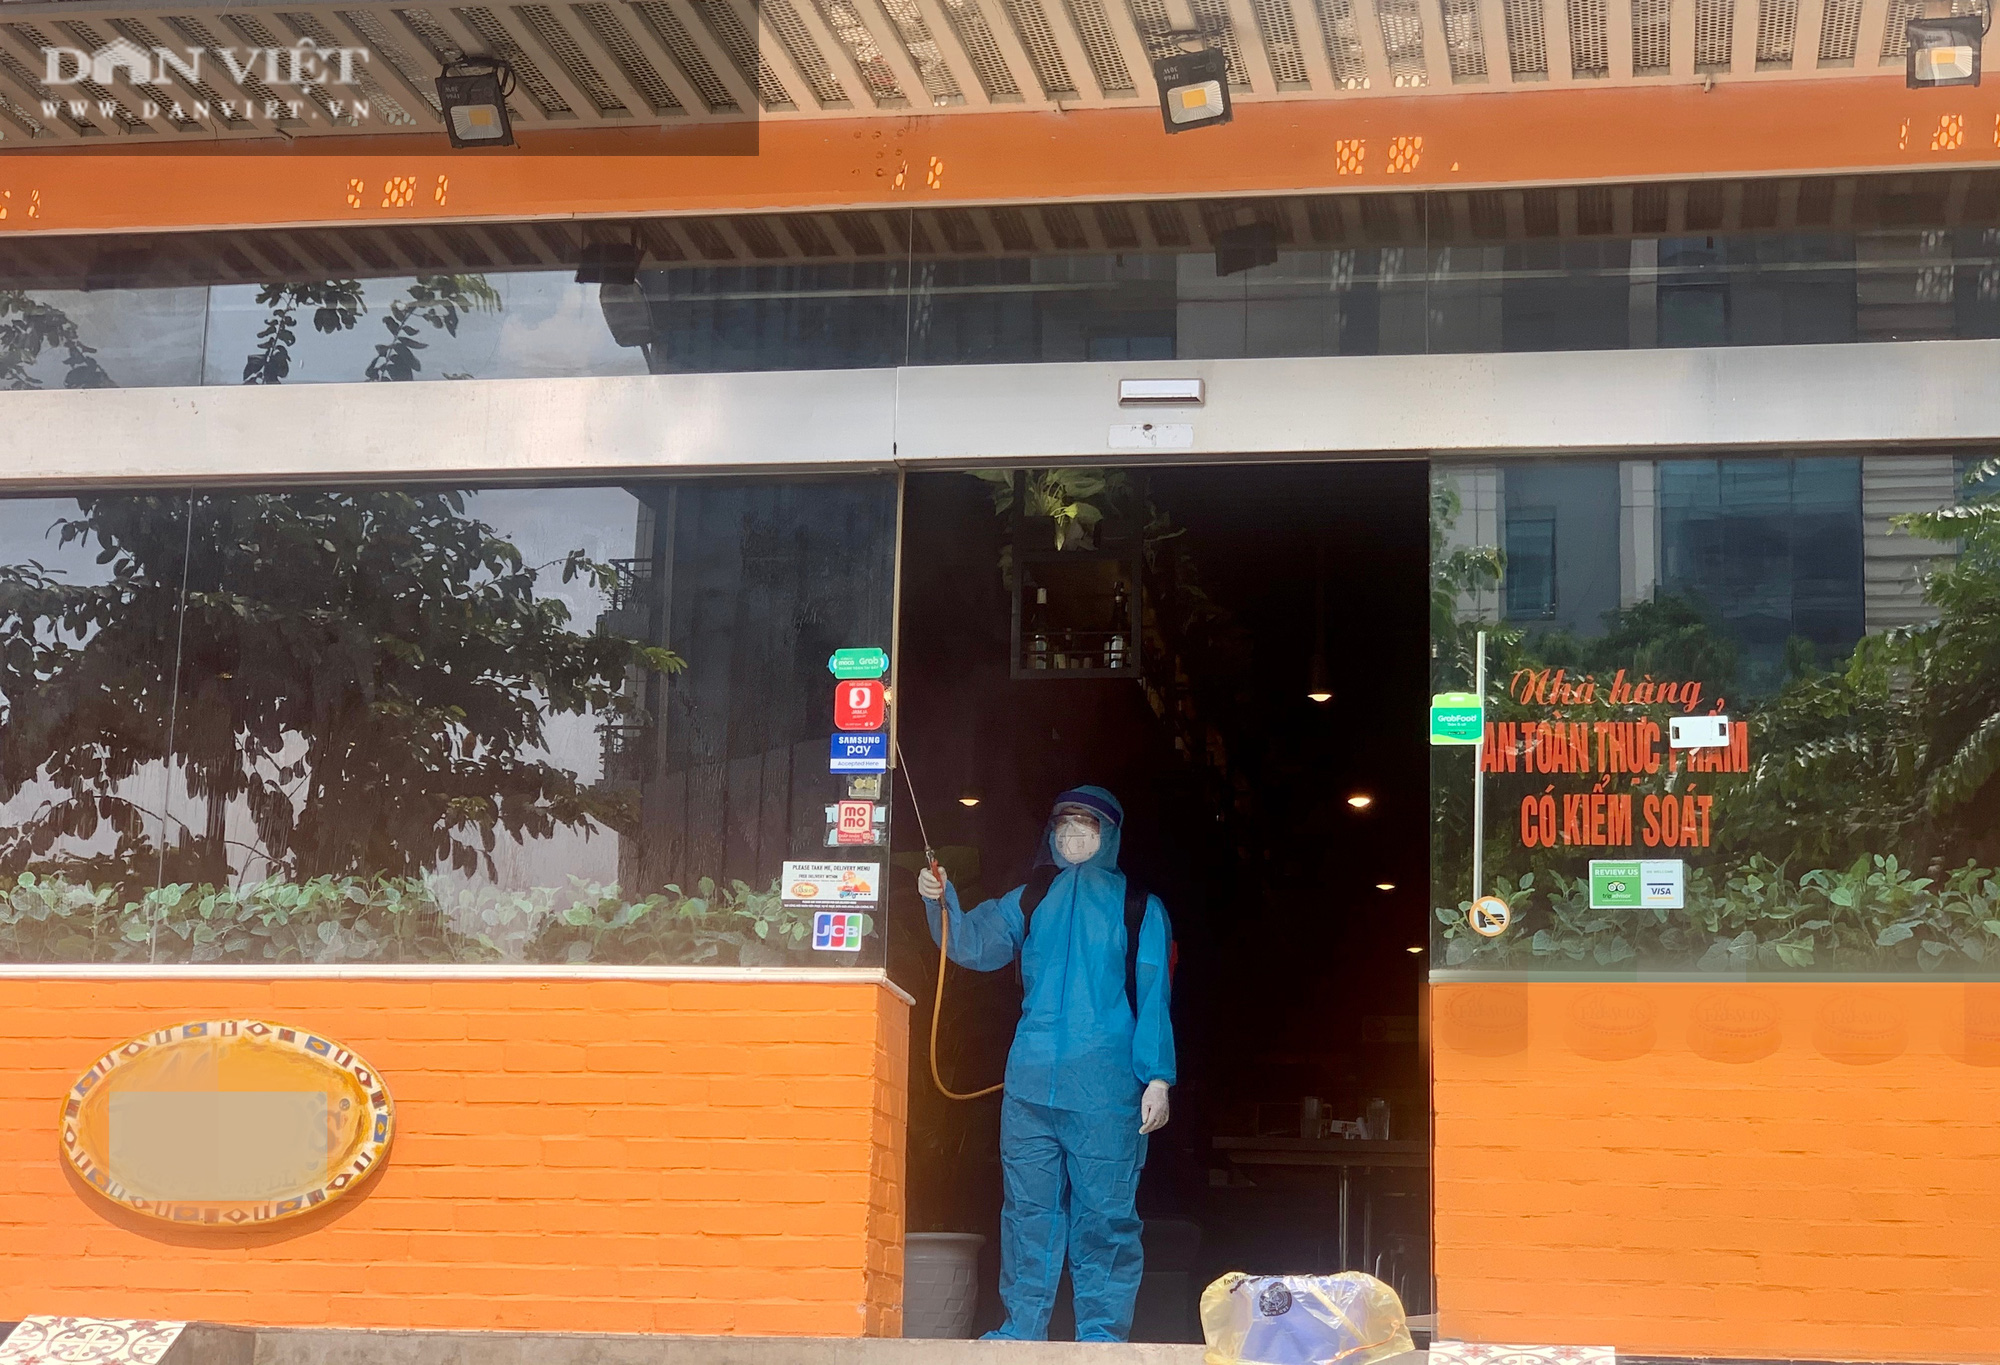 Một bệnh nhân nghi nhiễm Covid-19 tại Hà Nội: Phong toả và khử trùng quán pizza trên phố Trần Thái Tông - Ảnh 4.